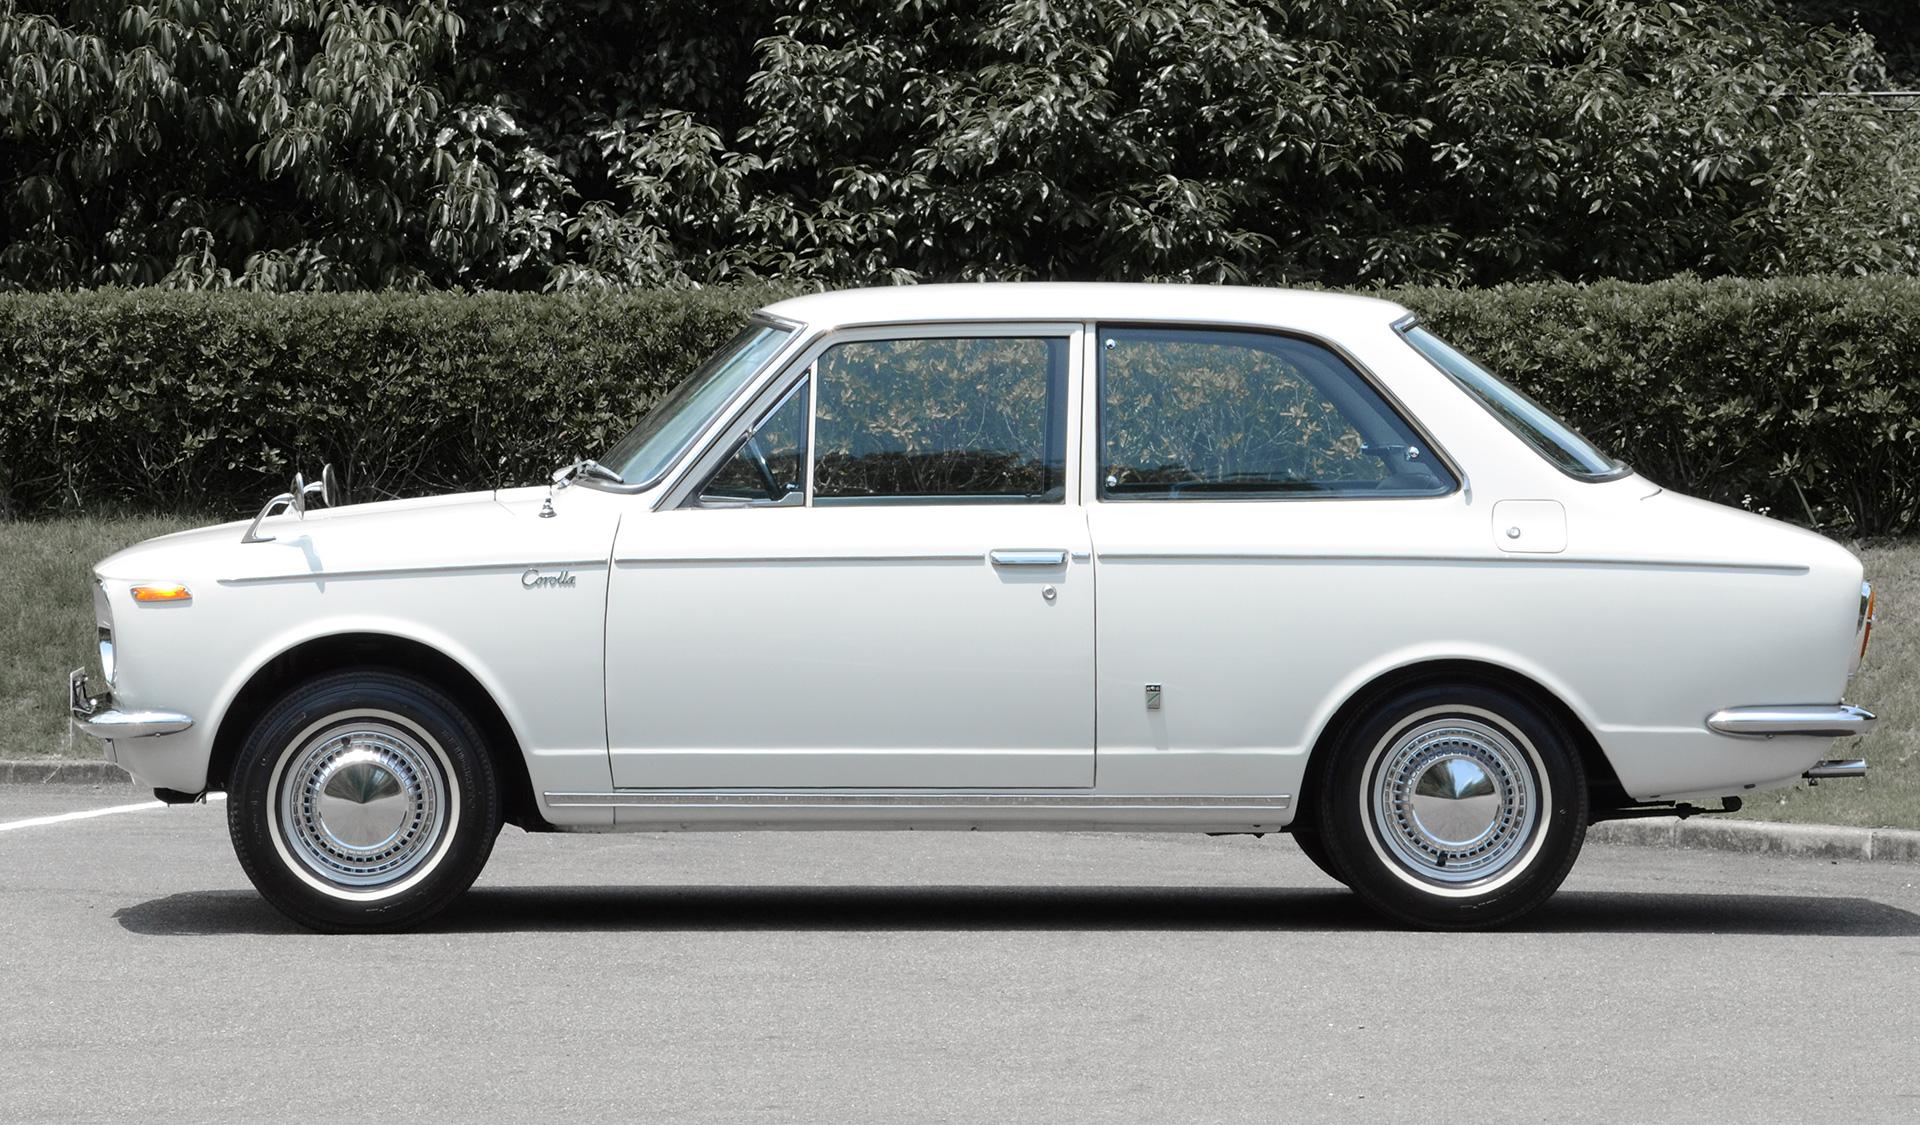 Primeira geração do Corolla - 1966